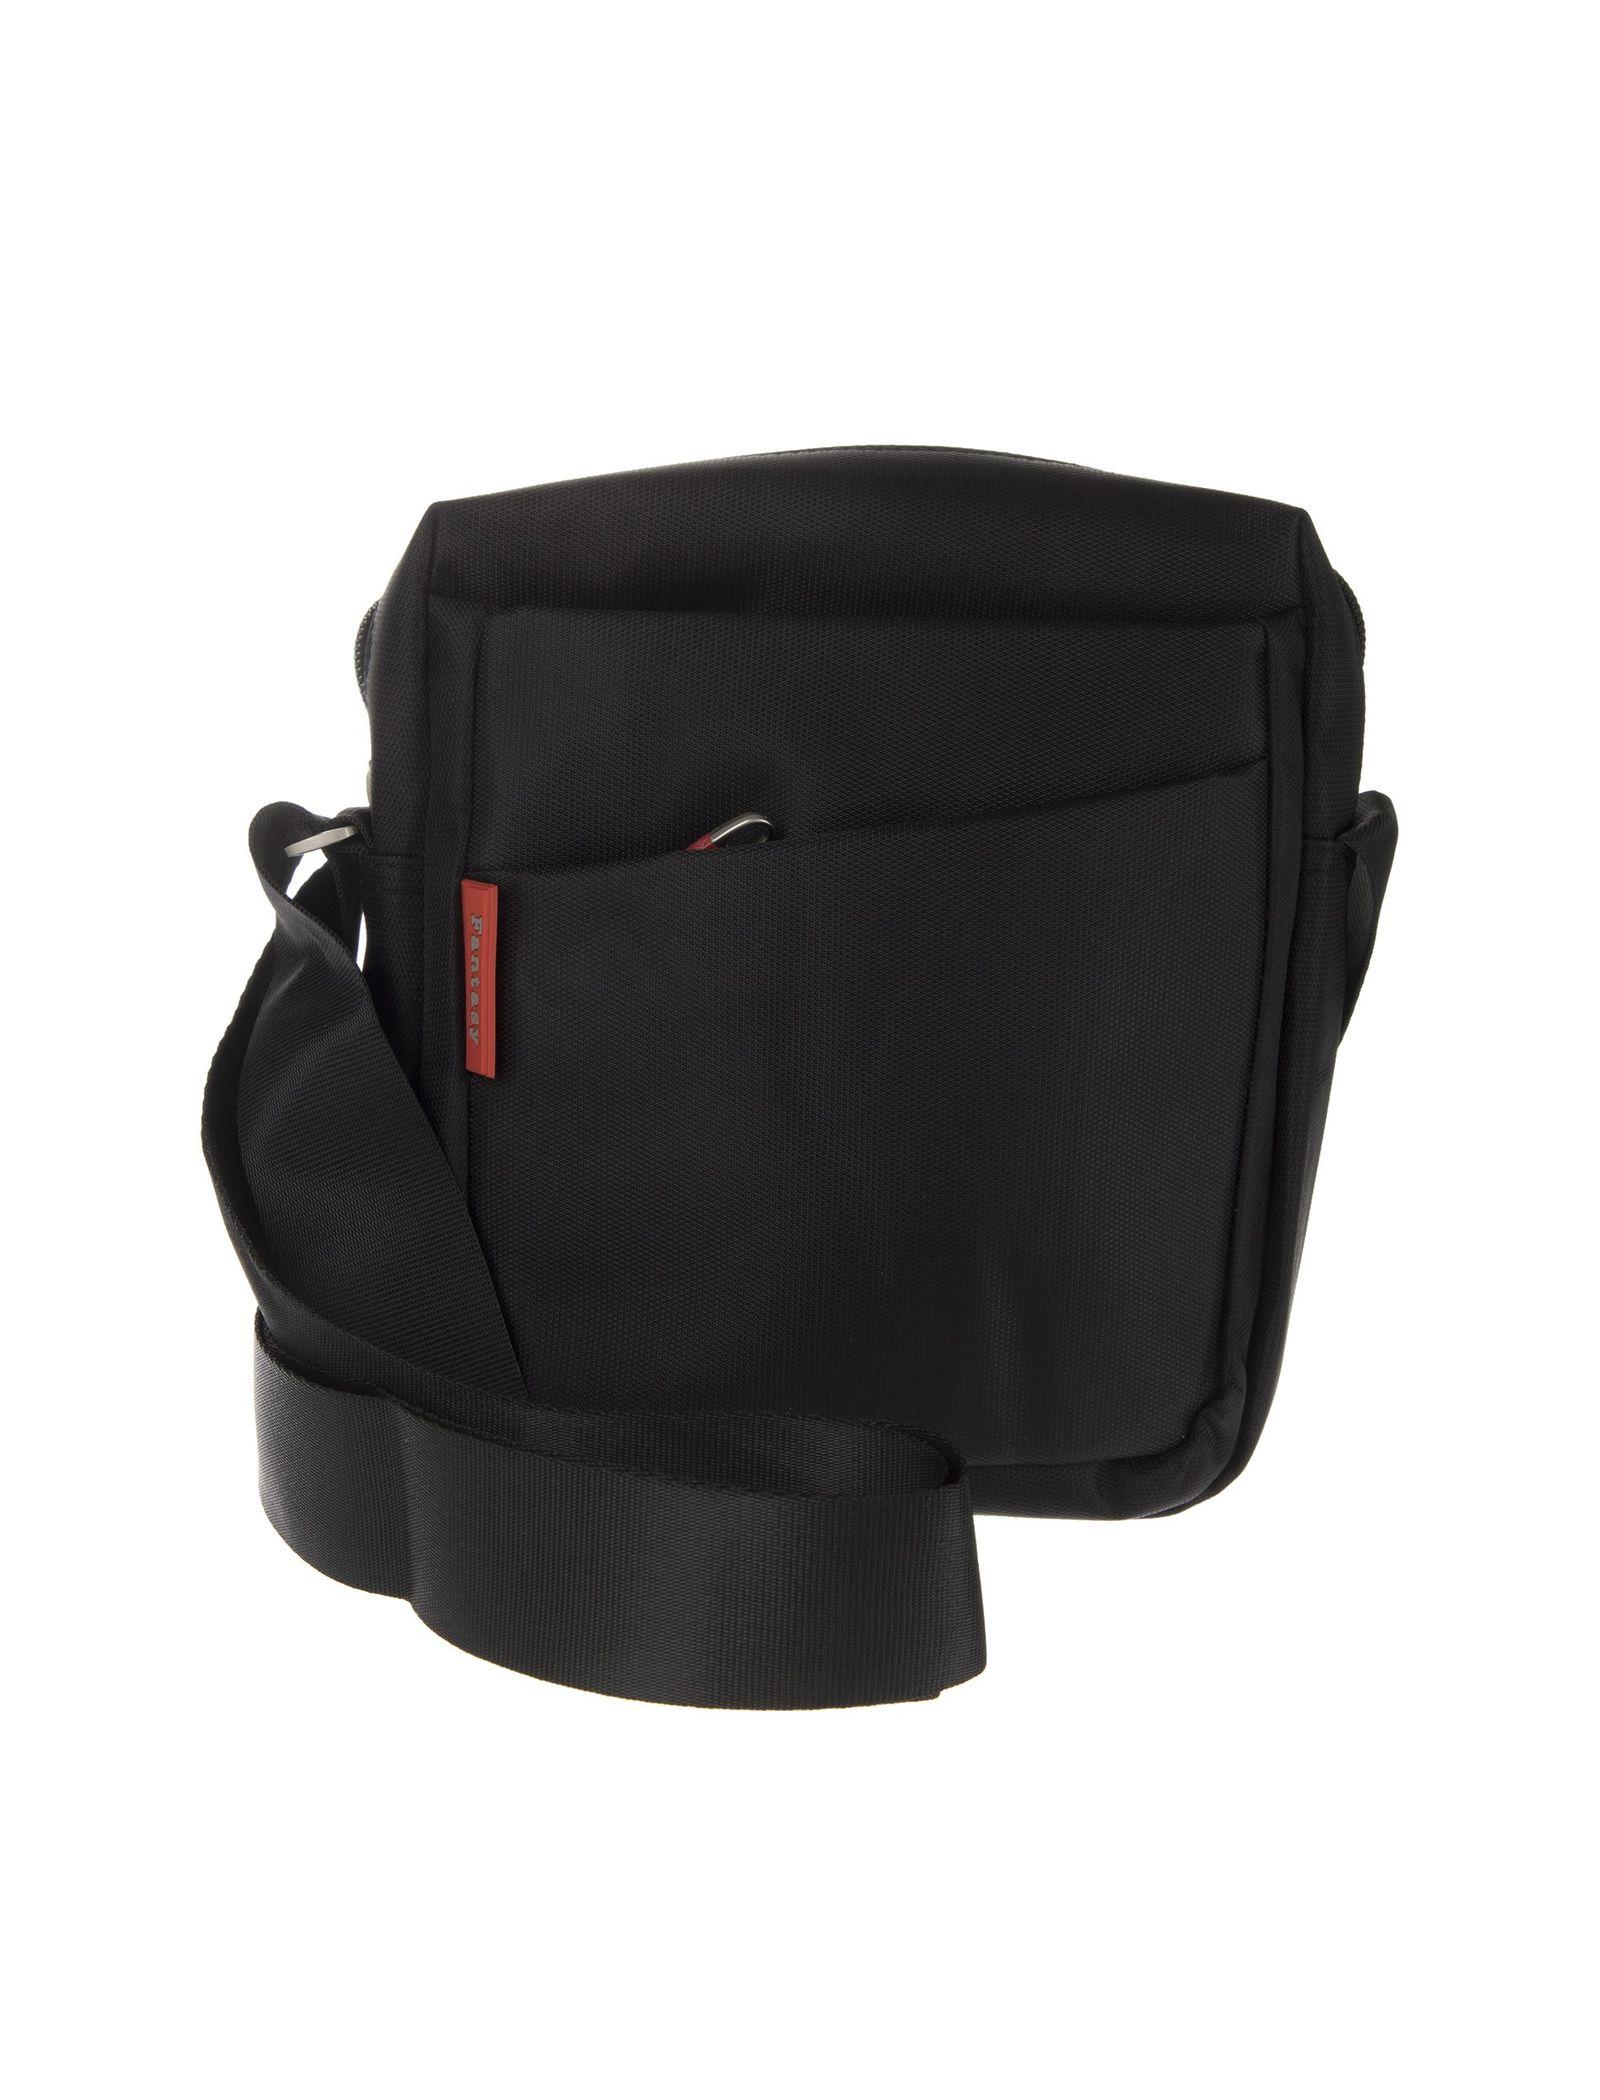 کیف دوشی روزمره بزرگسال - دادلین تک سایز - مشکي - 4